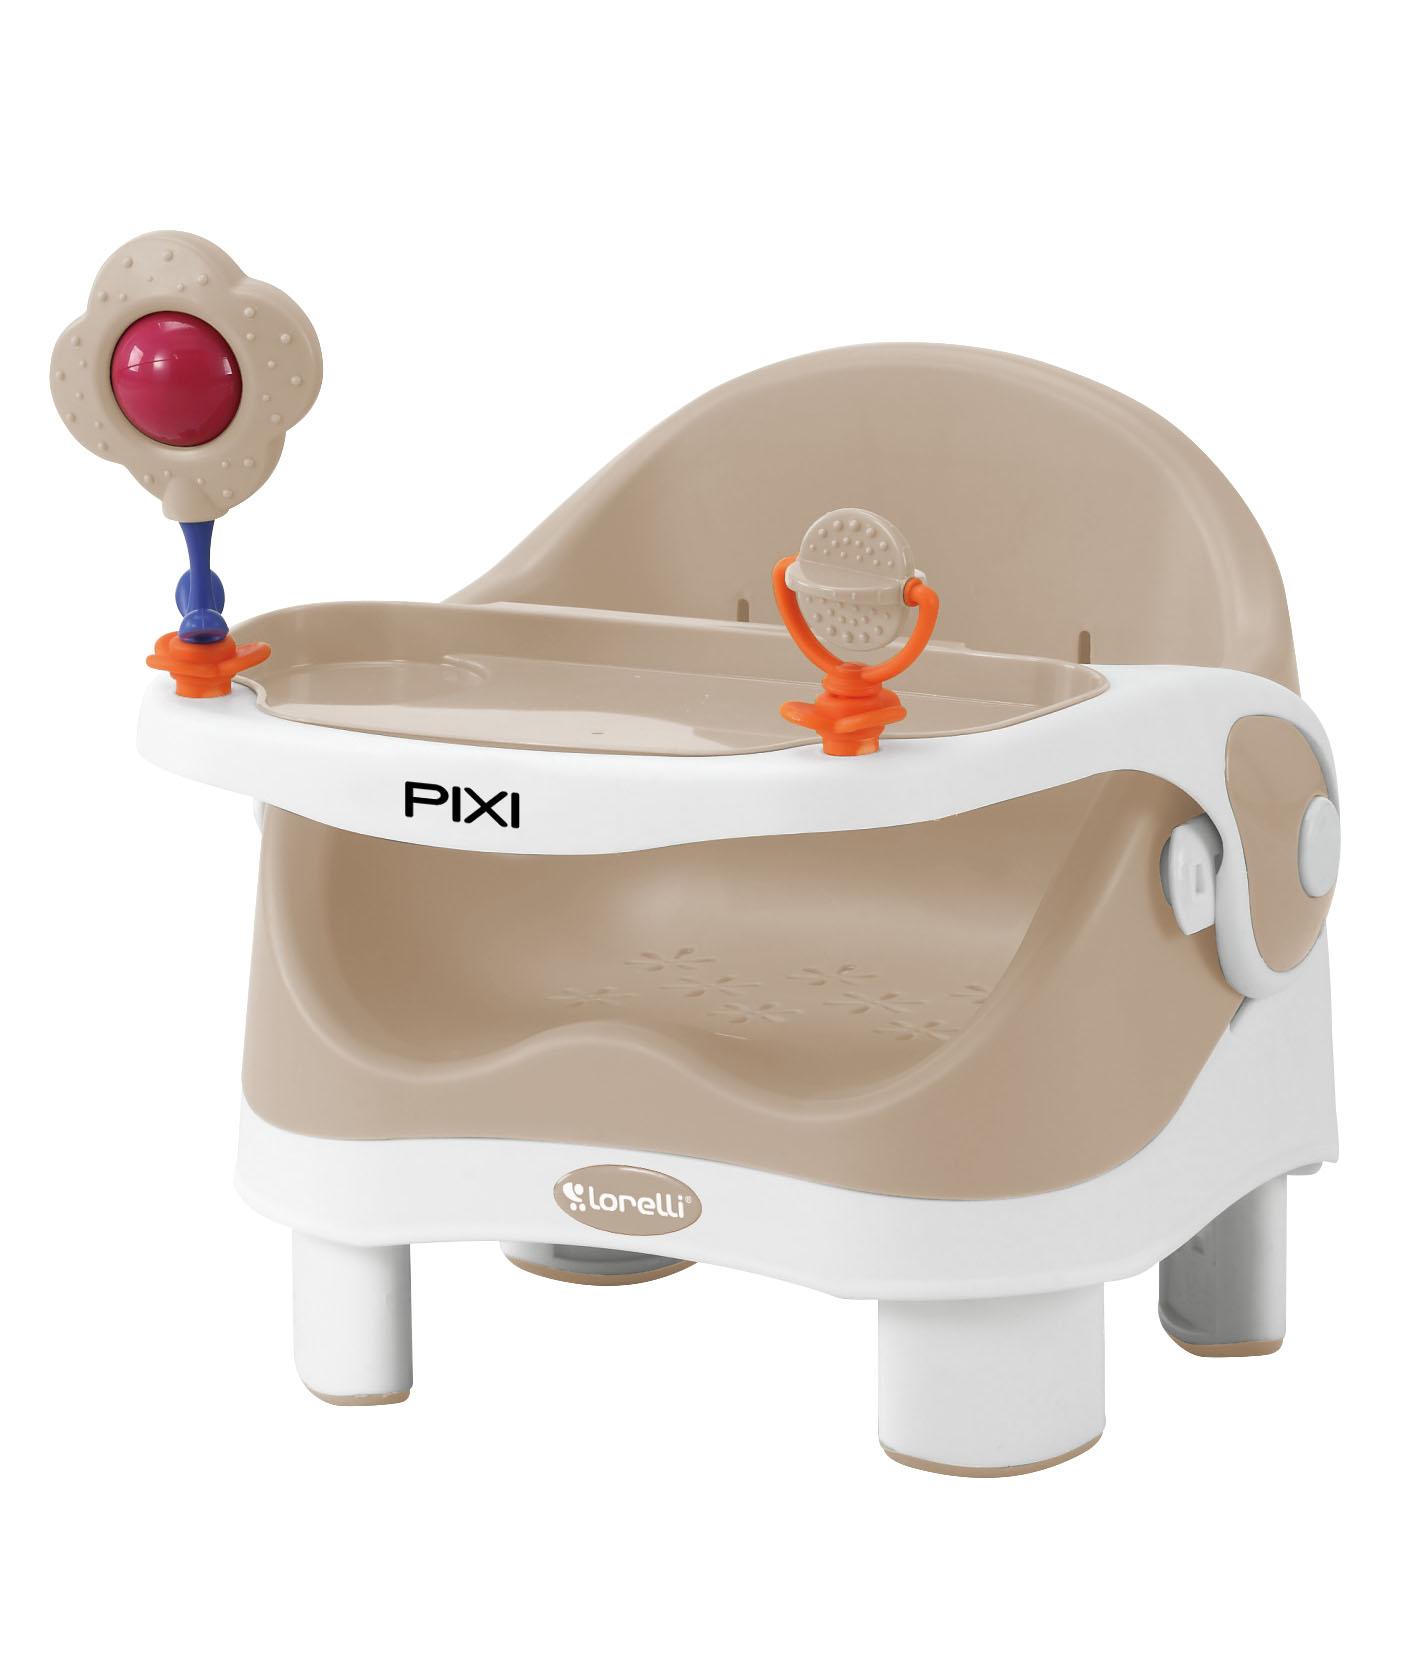 Стульчик для кормления Lorelli Pixi, 10100282 бежевый, белый cotoons стульчик для ванной с 6 мес